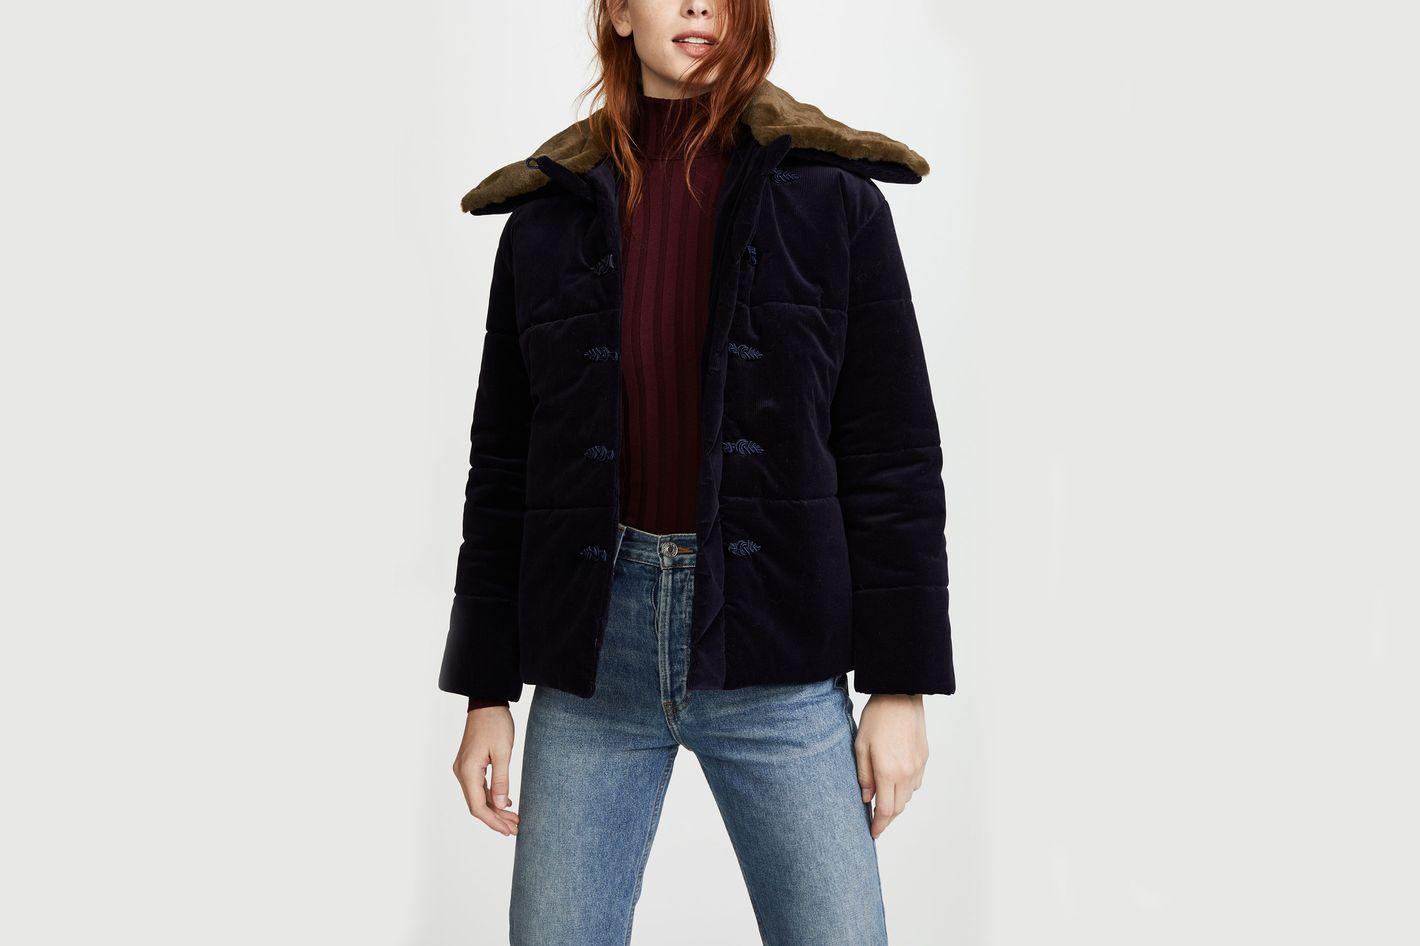 Pamplemousse Puffer Jacket